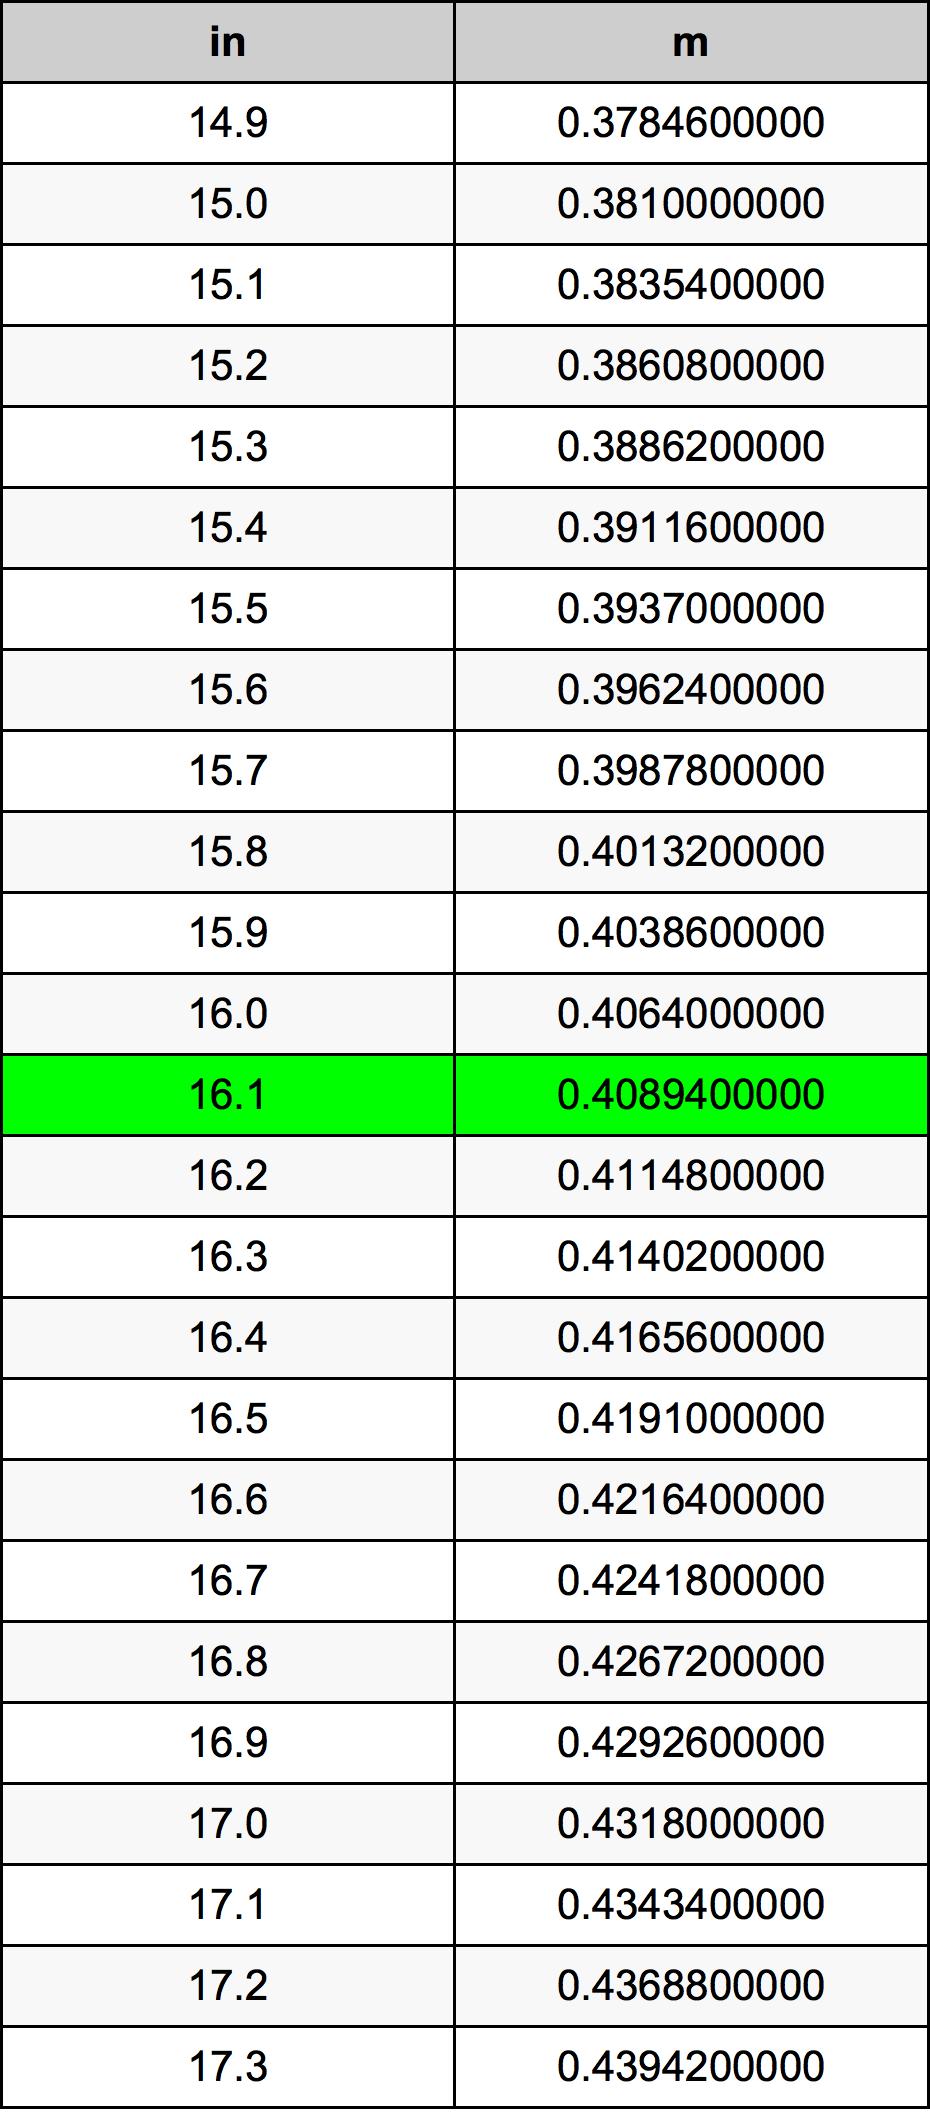 16.1 인치 변환 표